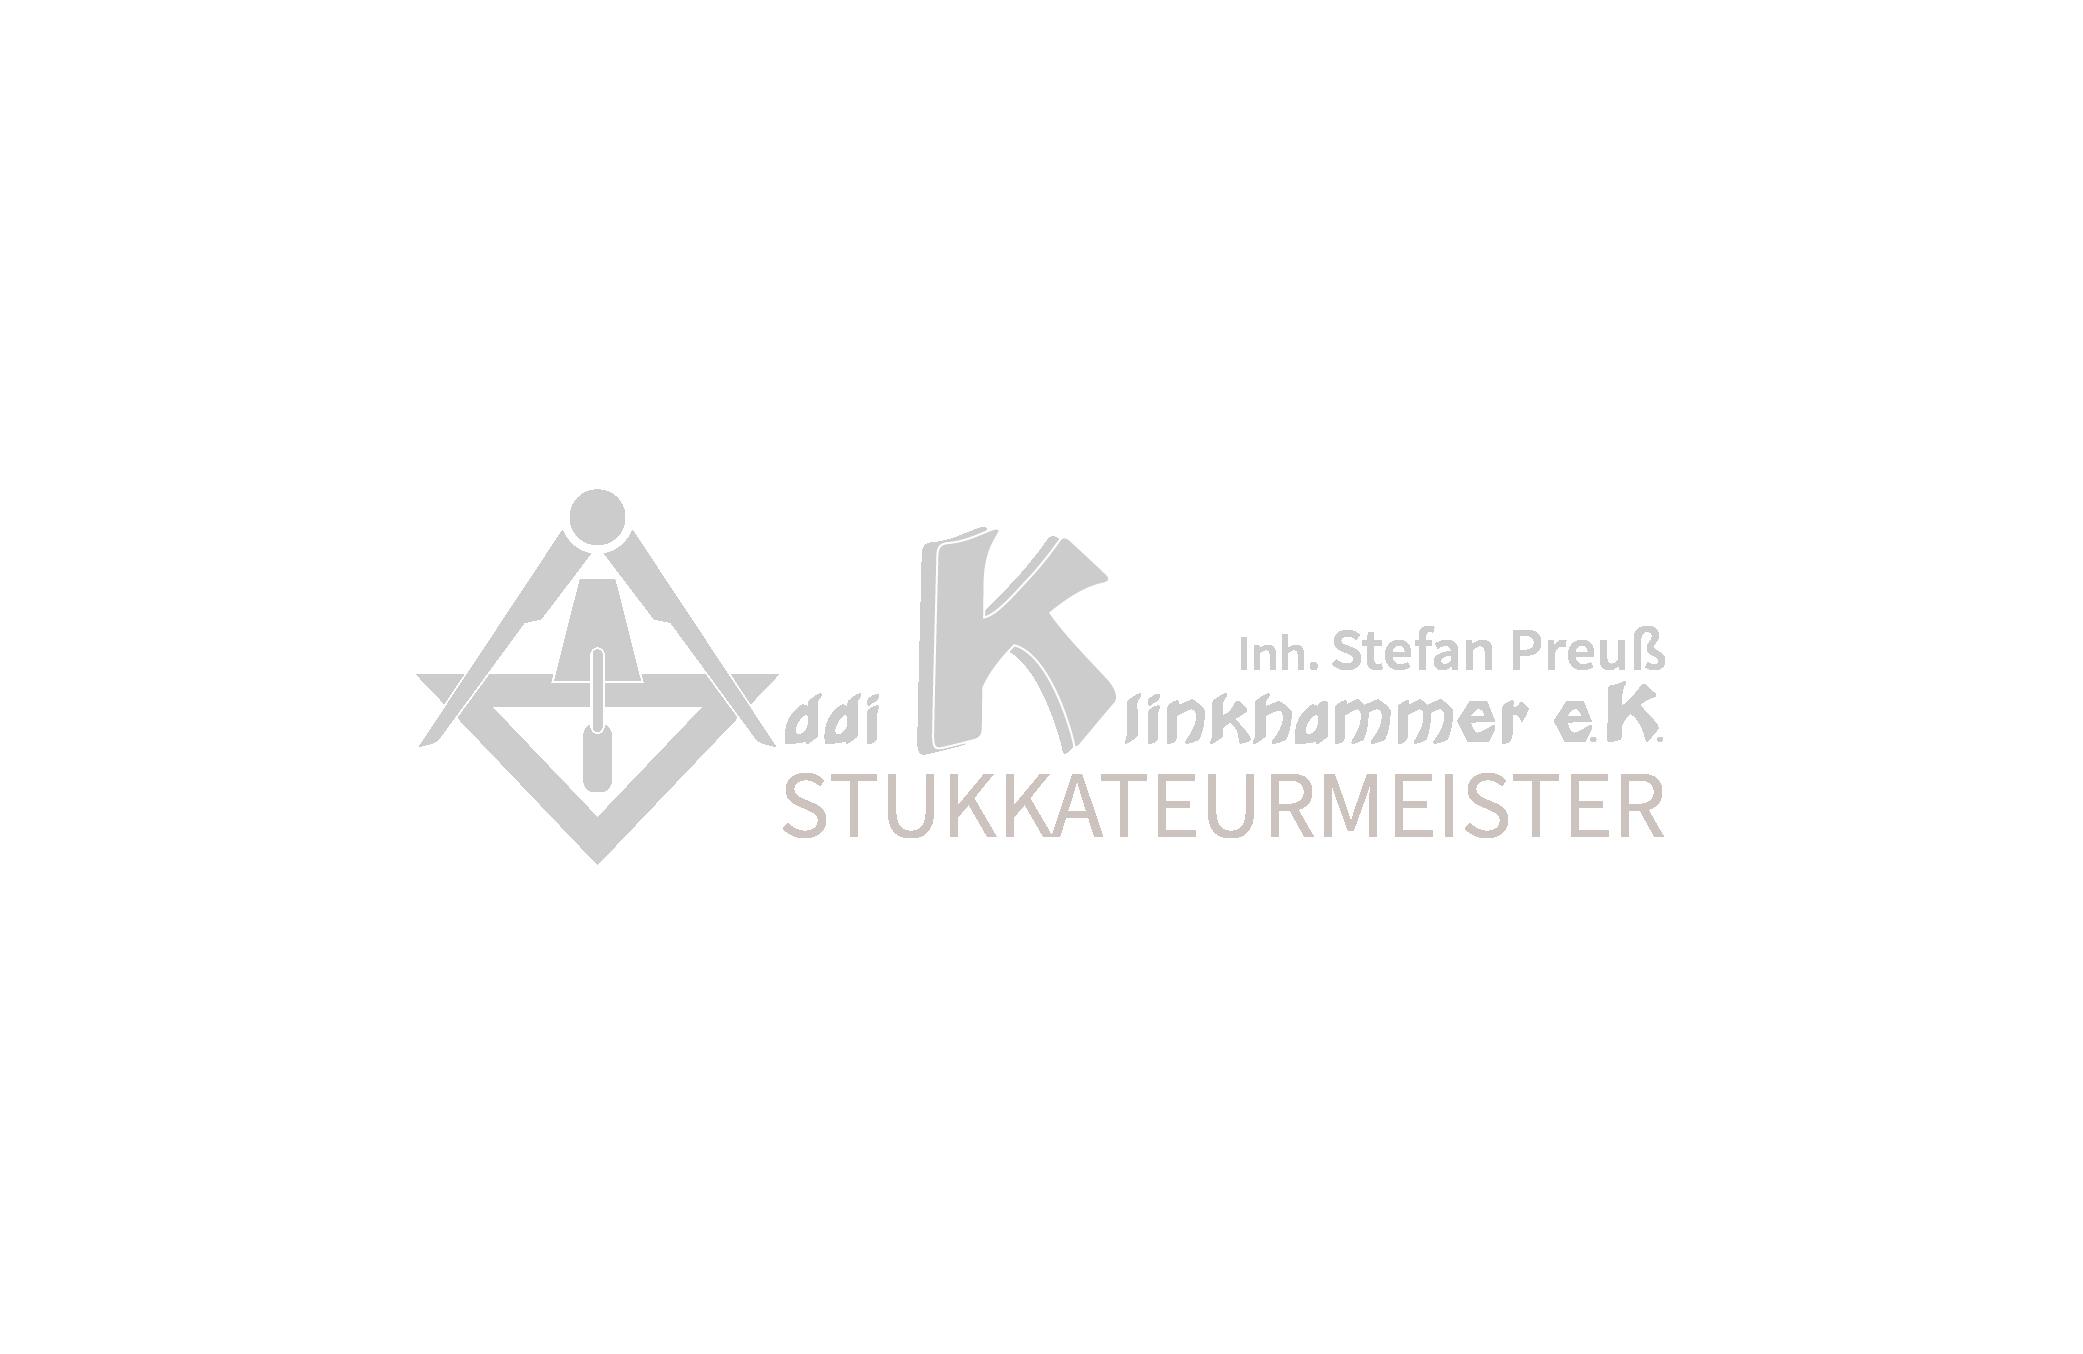 Addi Klinkhammer Stukkateurmeister